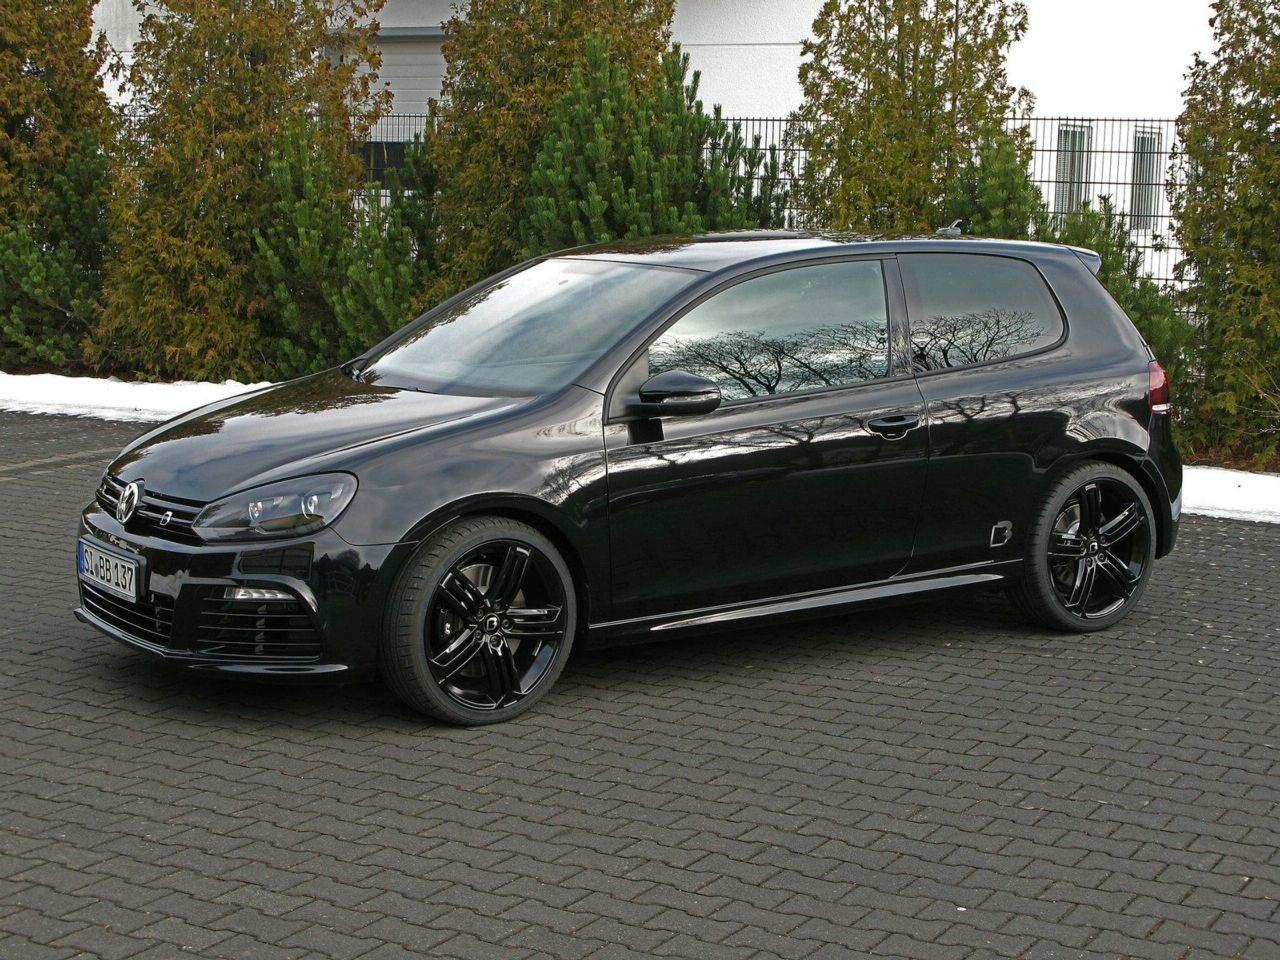 2015 Volkswagen Golf R Wallpapers 1280x960